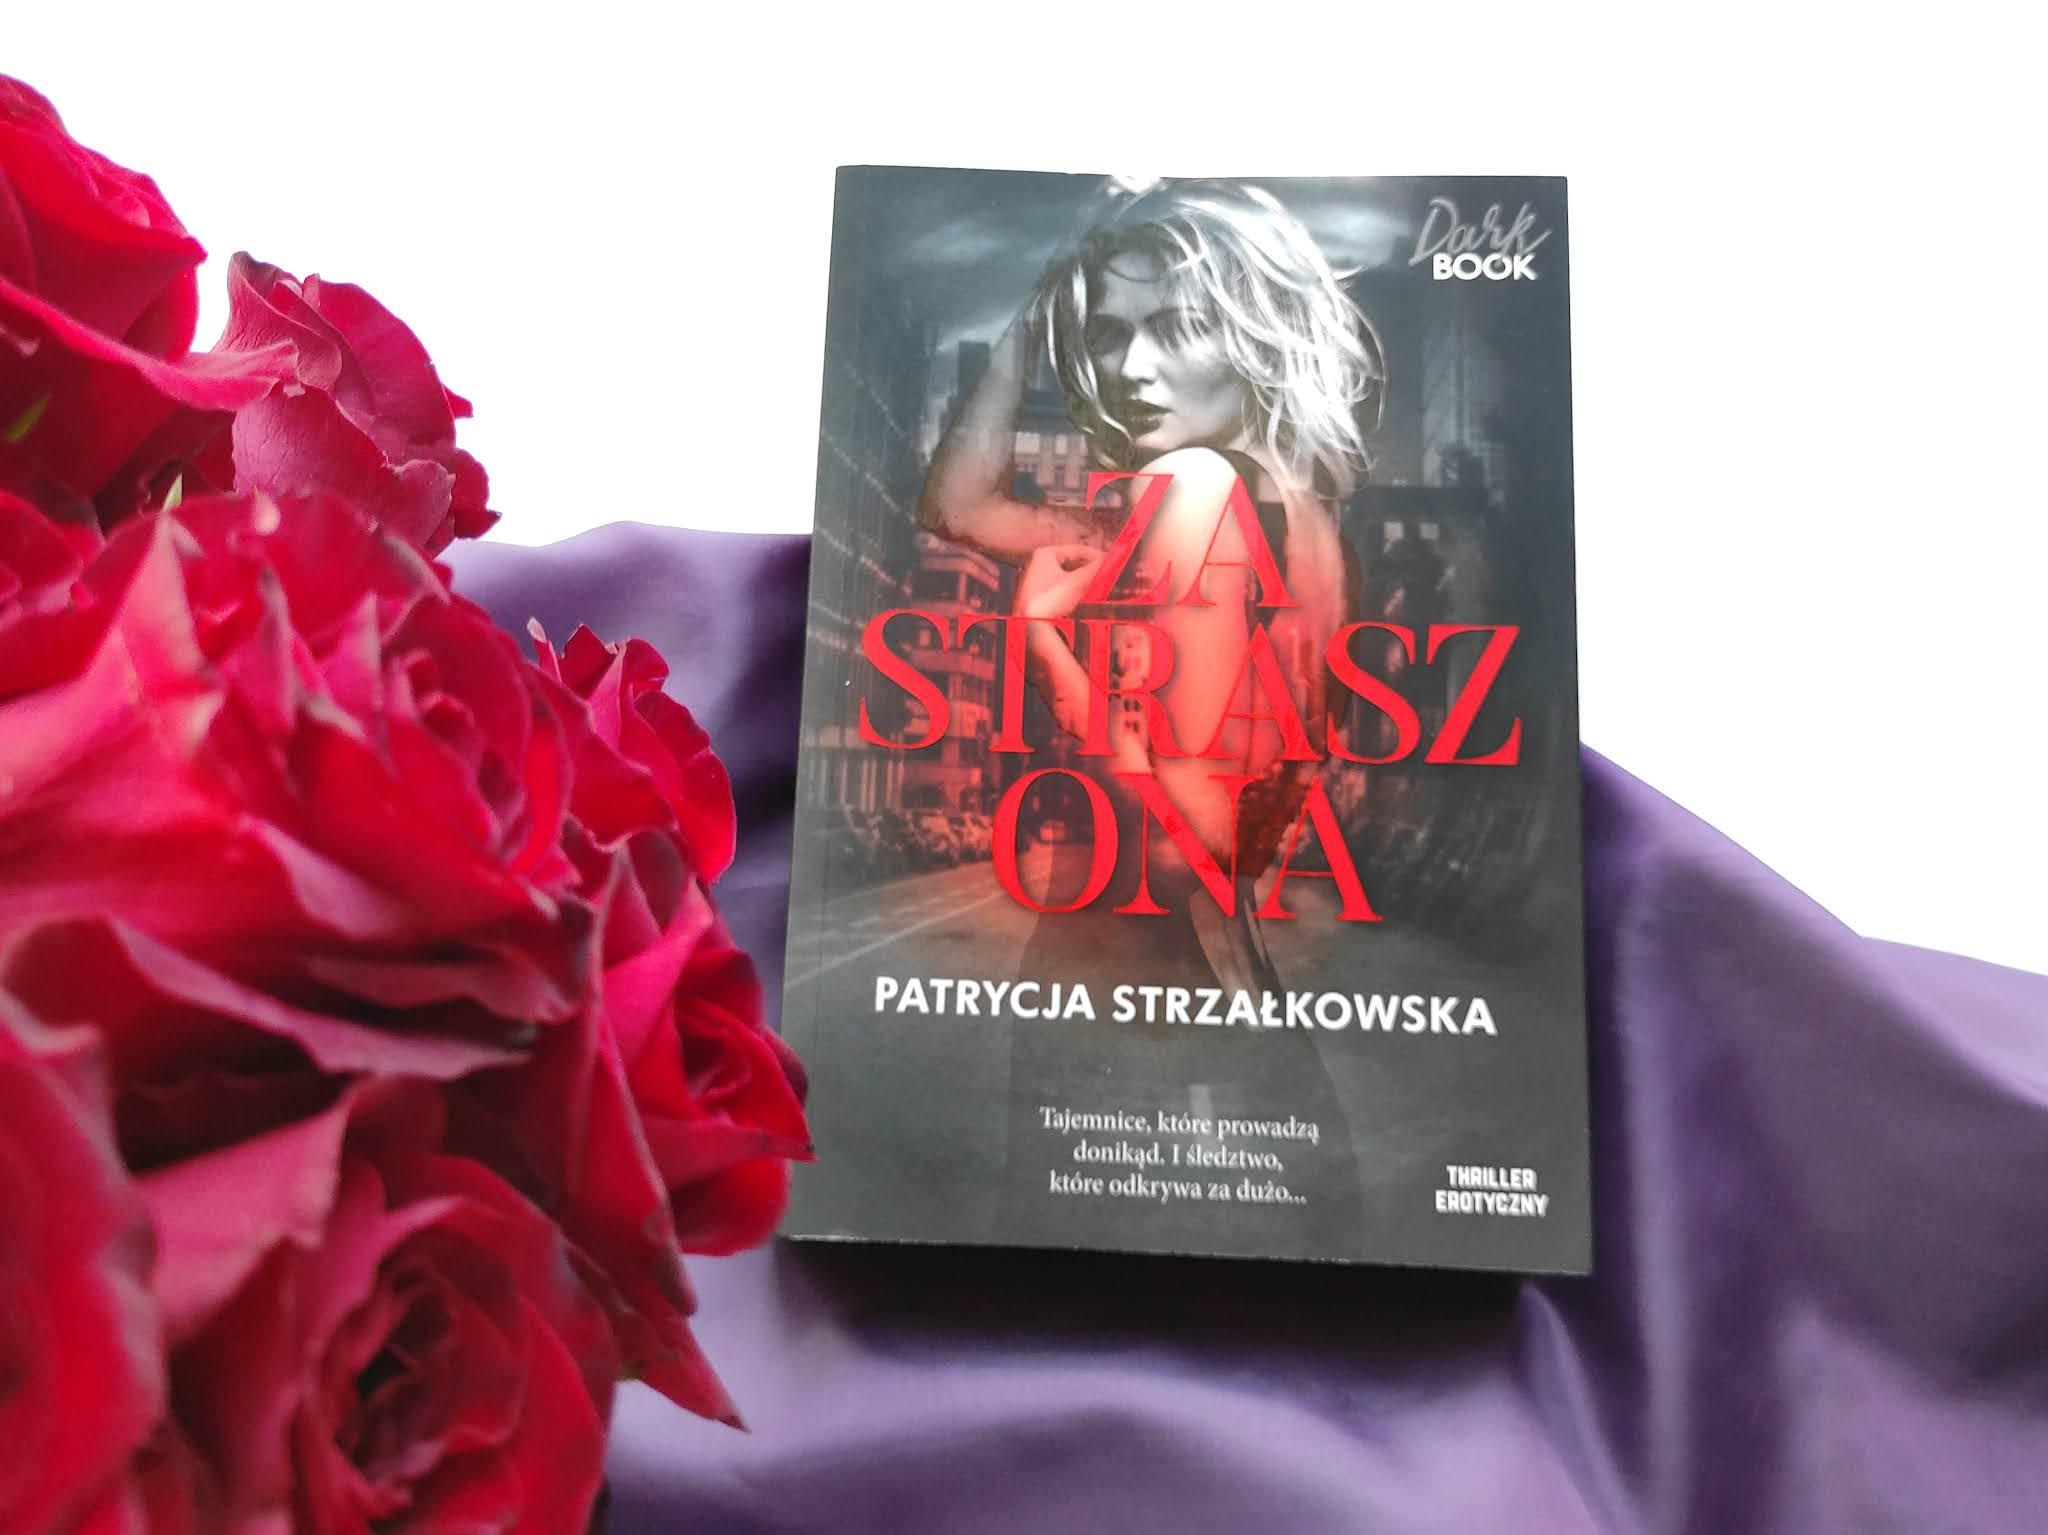 Zastraszona Patrycja Strzałkowska recenzja książki